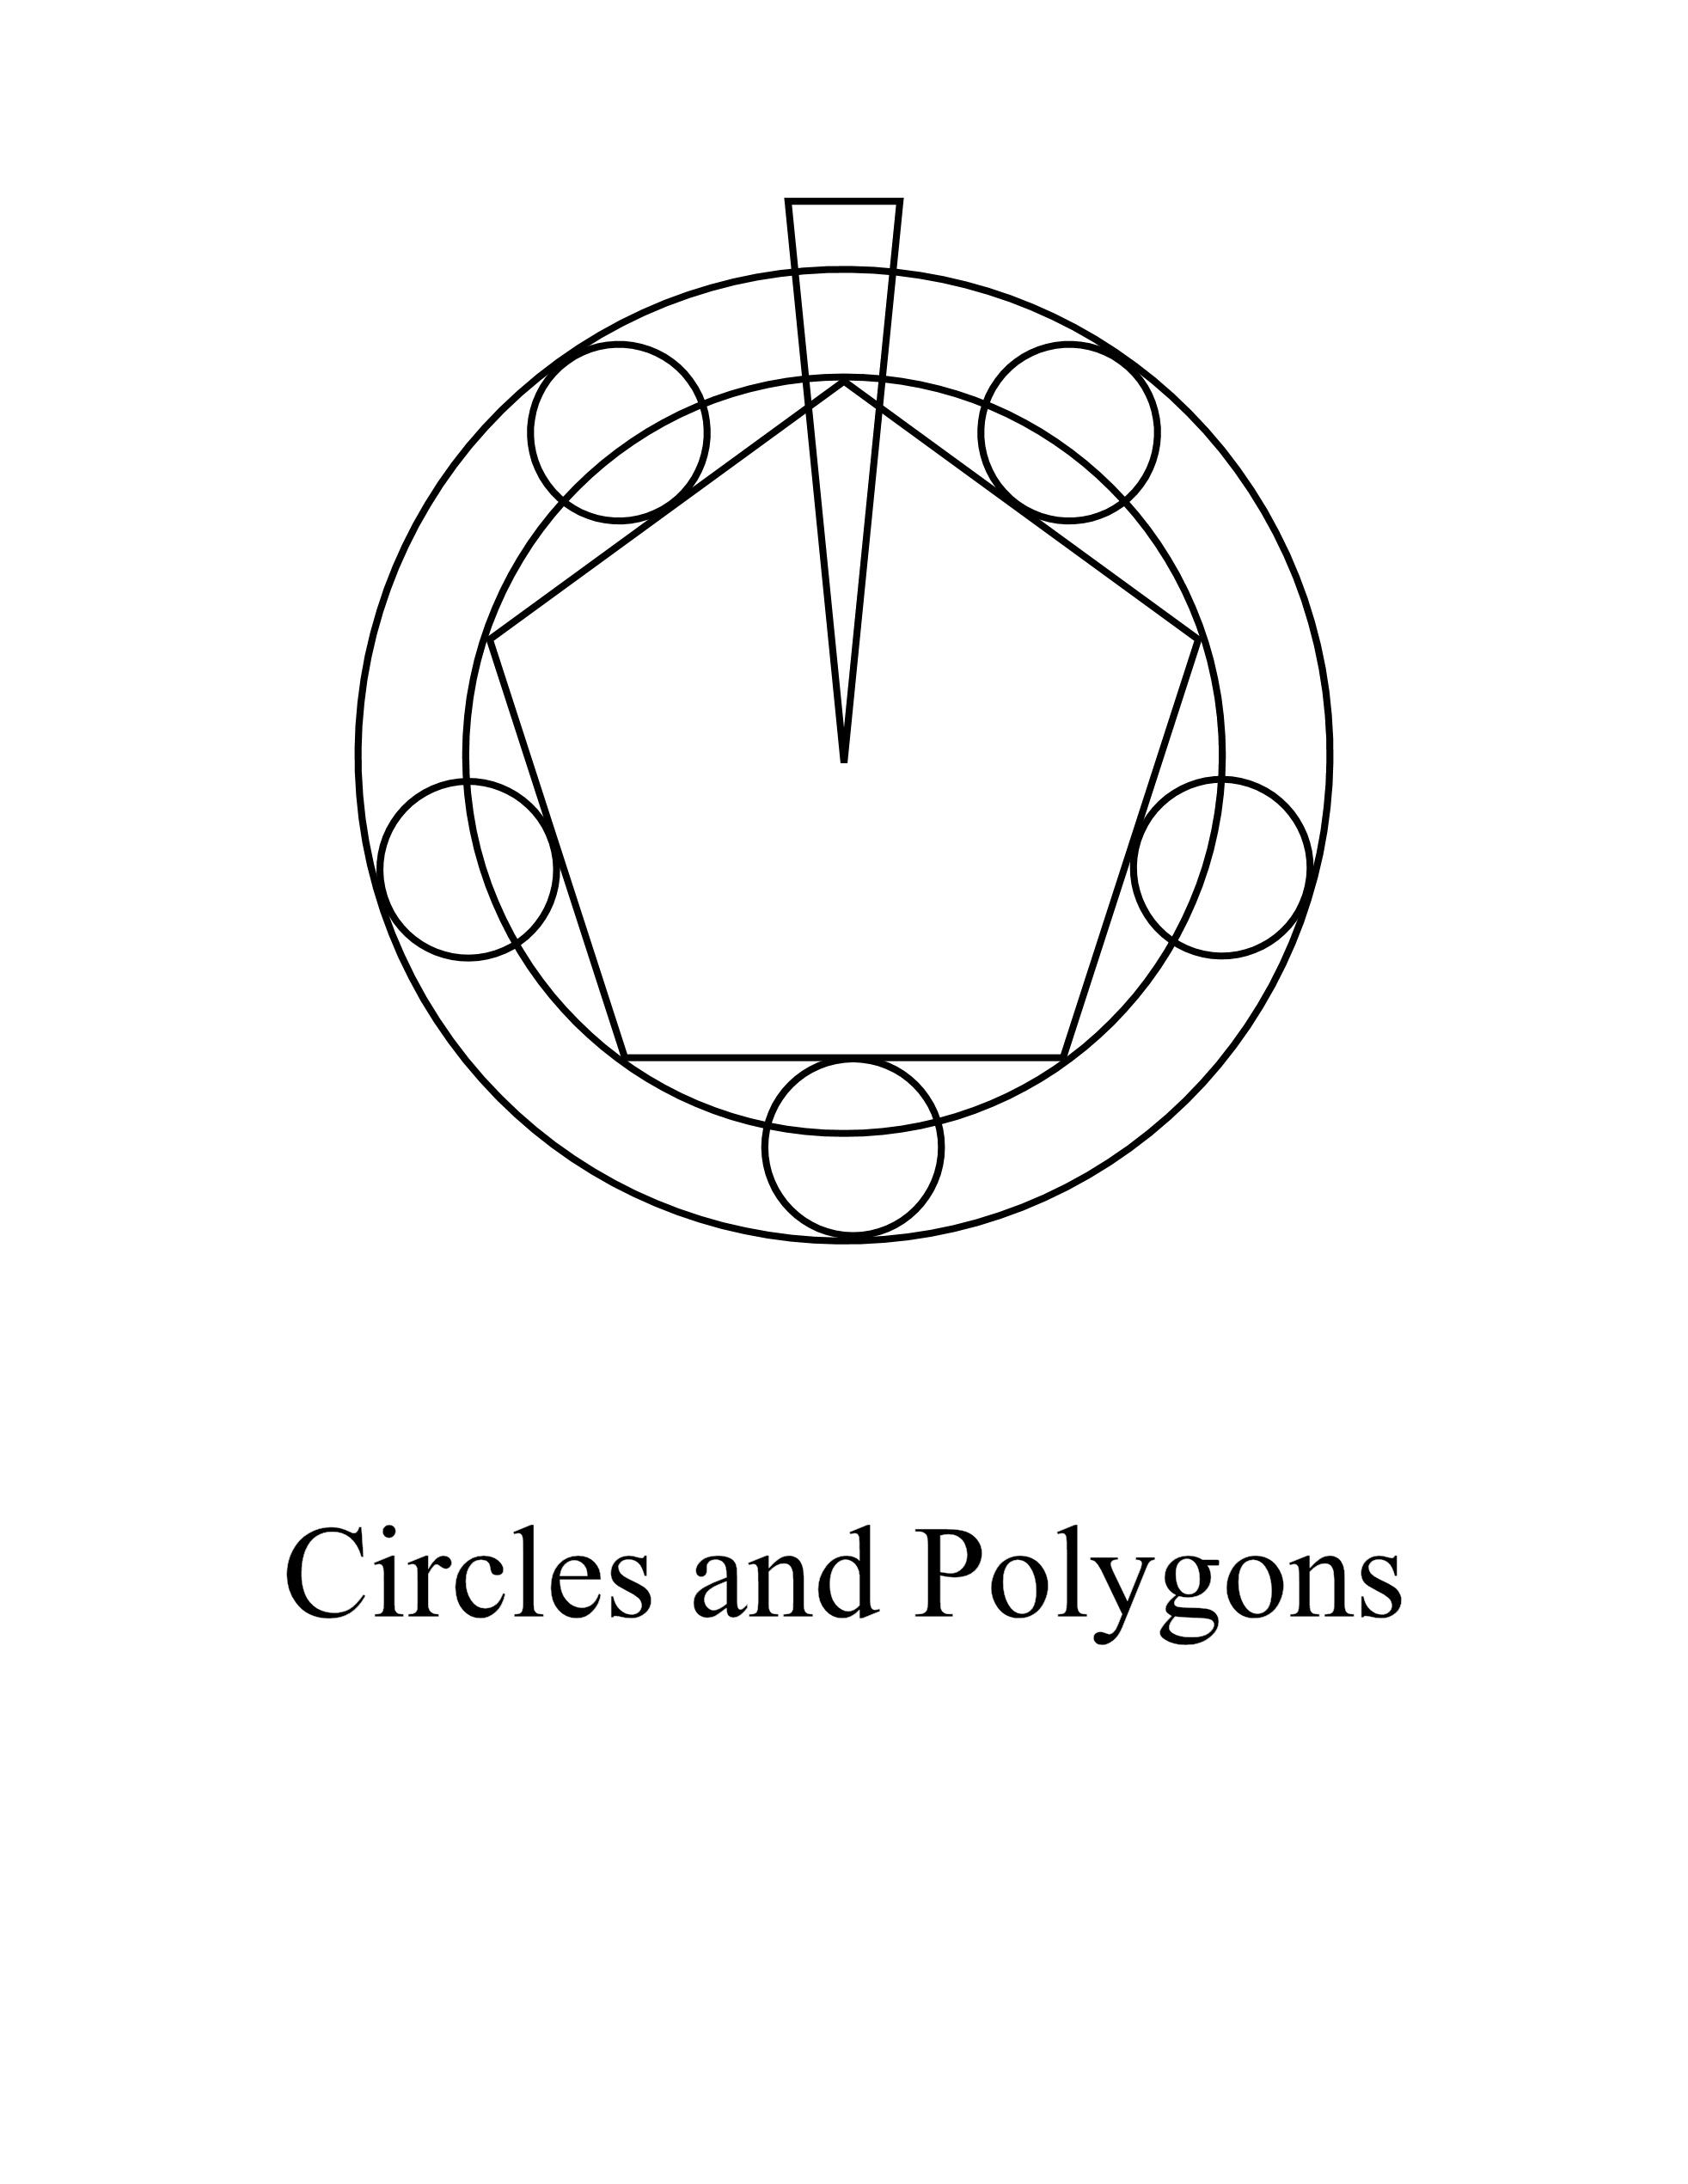 Basic alchemy symbols by notshurly on deviantart alchemy circle and polygons by notshurly biocorpaavc